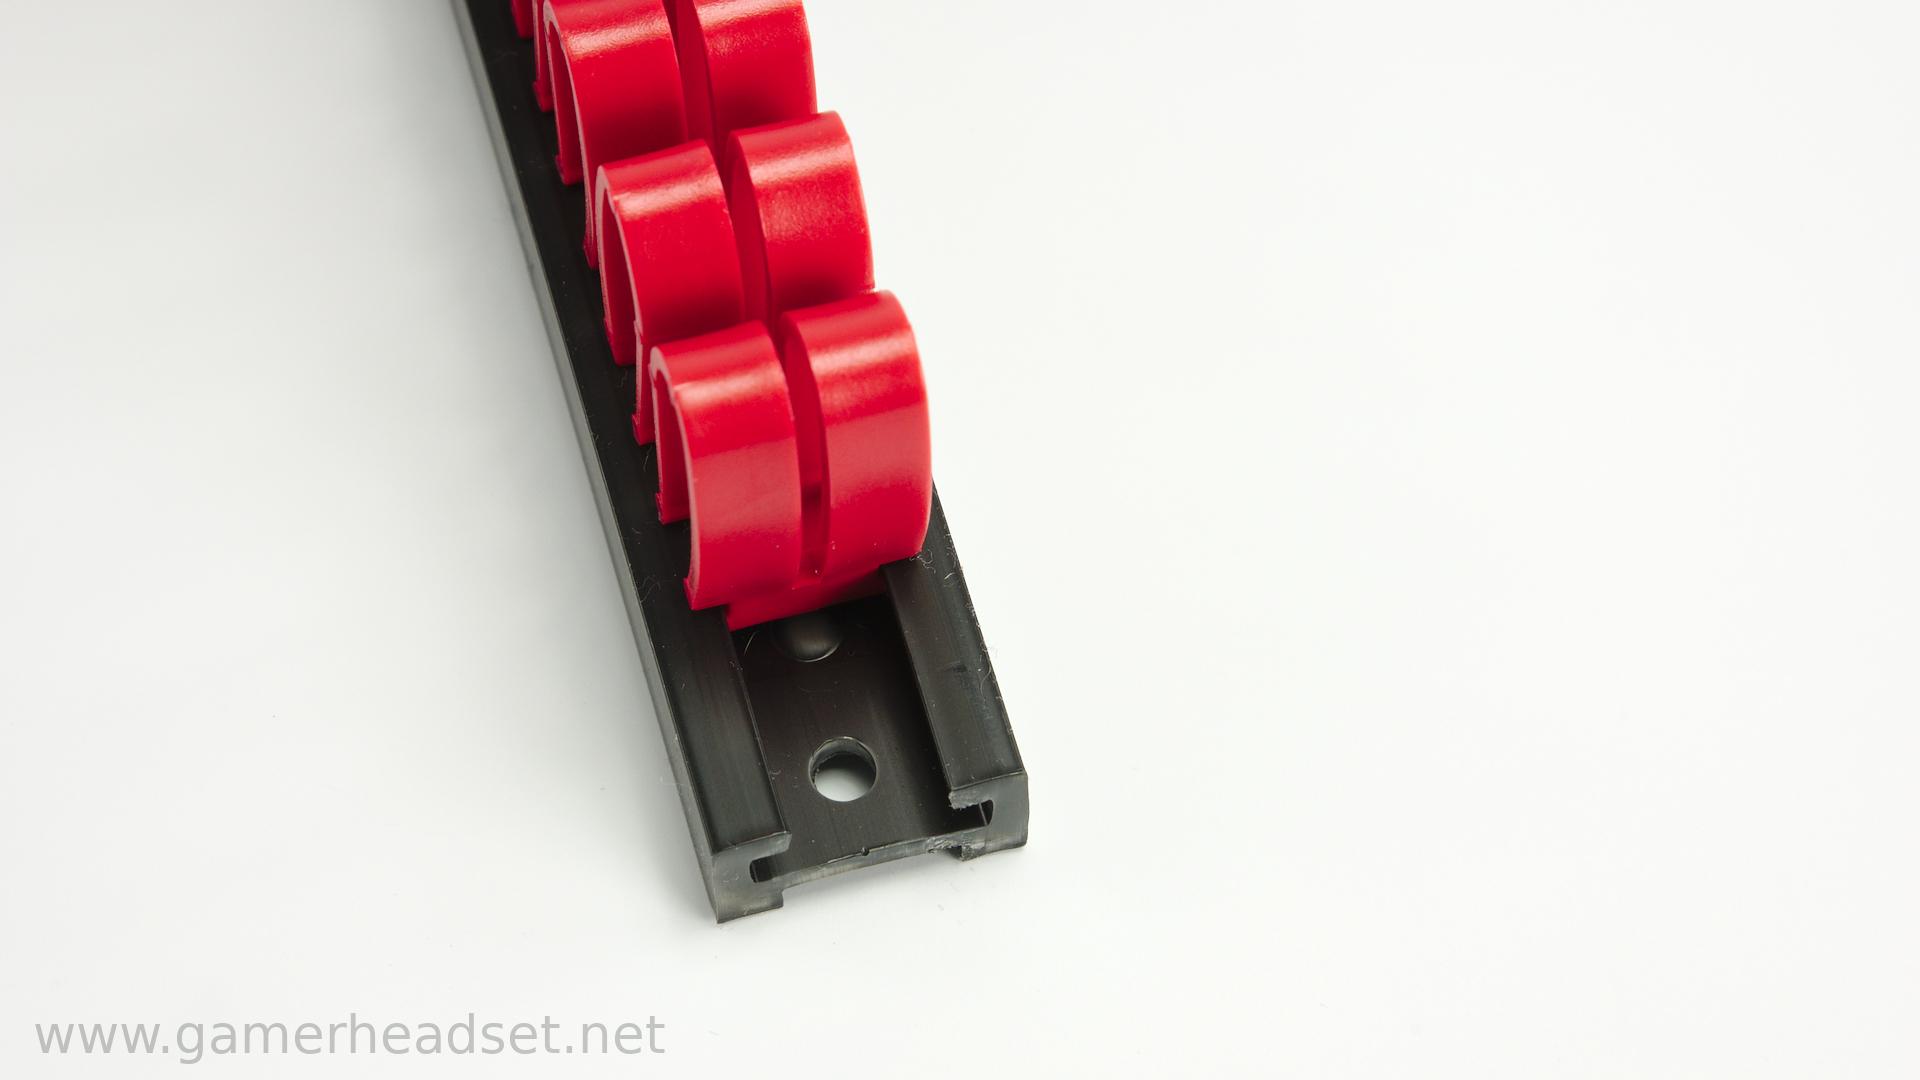 Preiswerte Kabelhalterung für die Wand - Kreative Zweckentfremdung ...